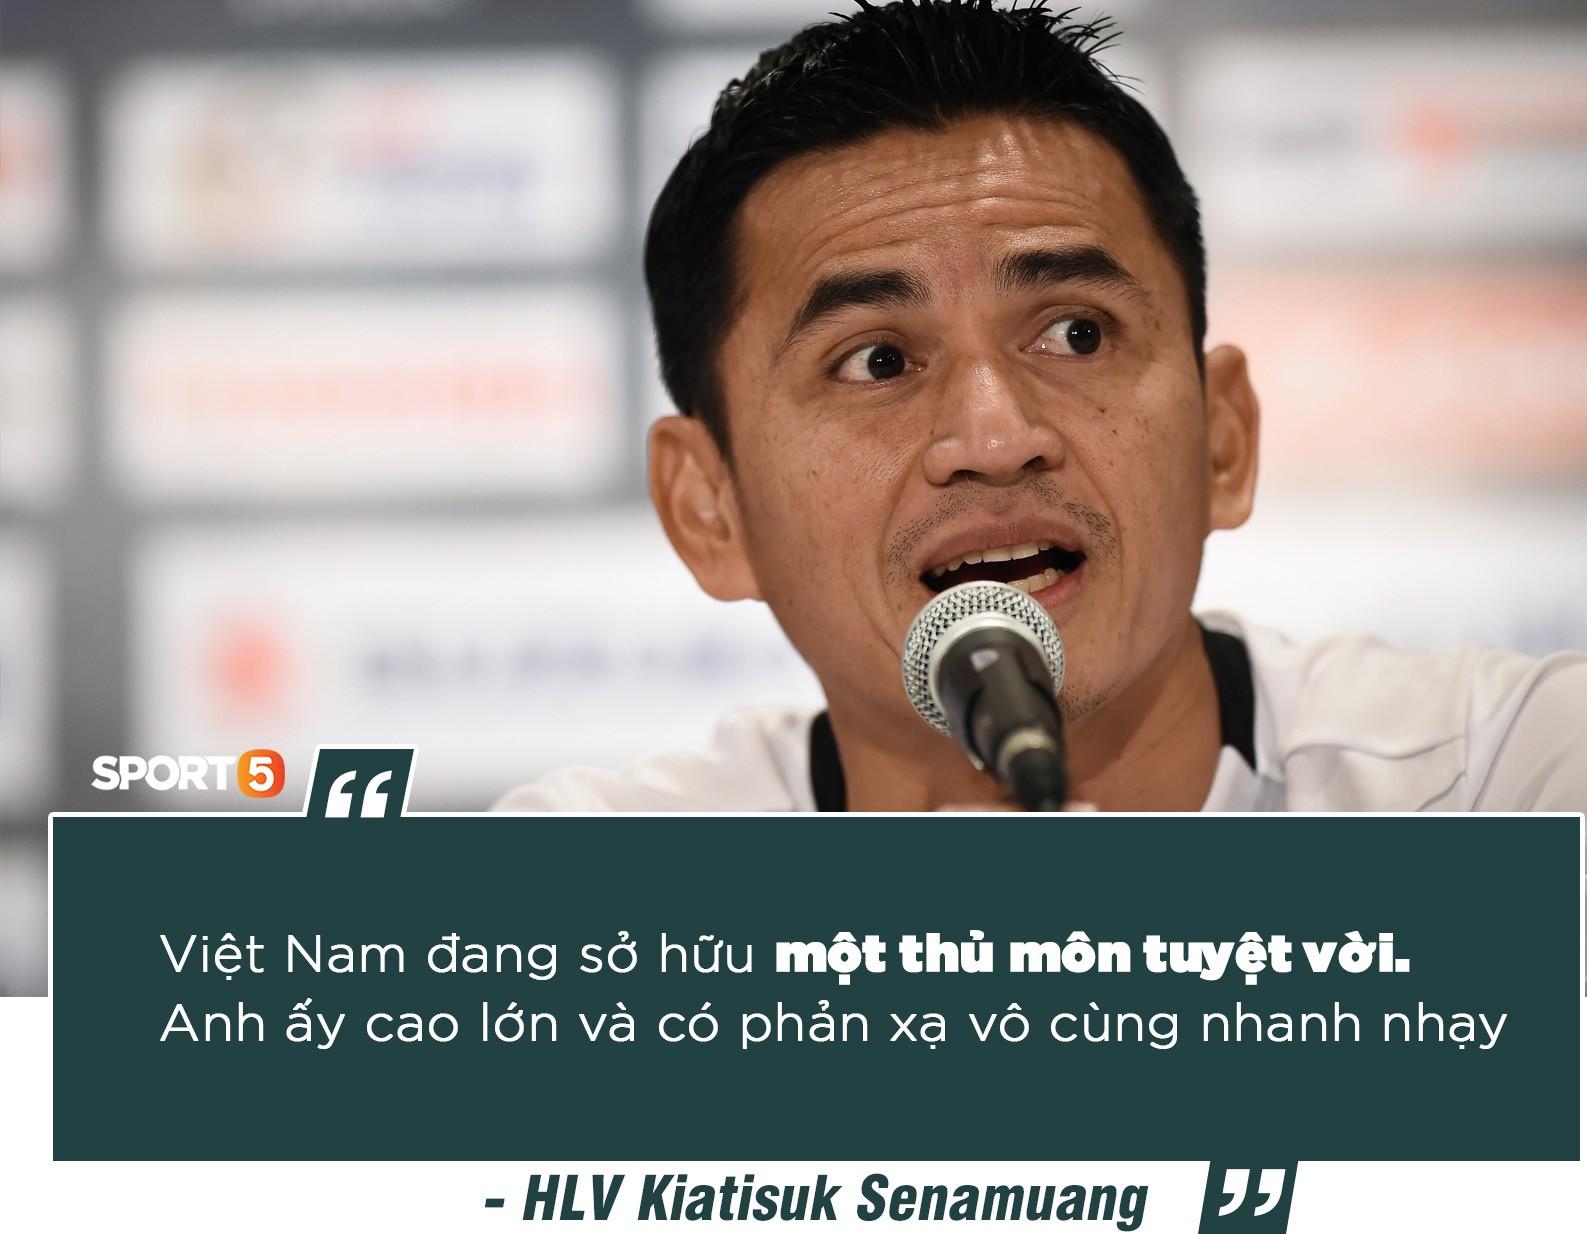 """Huyền thoại bóng đá Thái Lan Kiatisuk: """"Việt Nam hiện tại quá hay, 99% sẽ vô địch AFF Cup 2018"""" - Ảnh 2."""